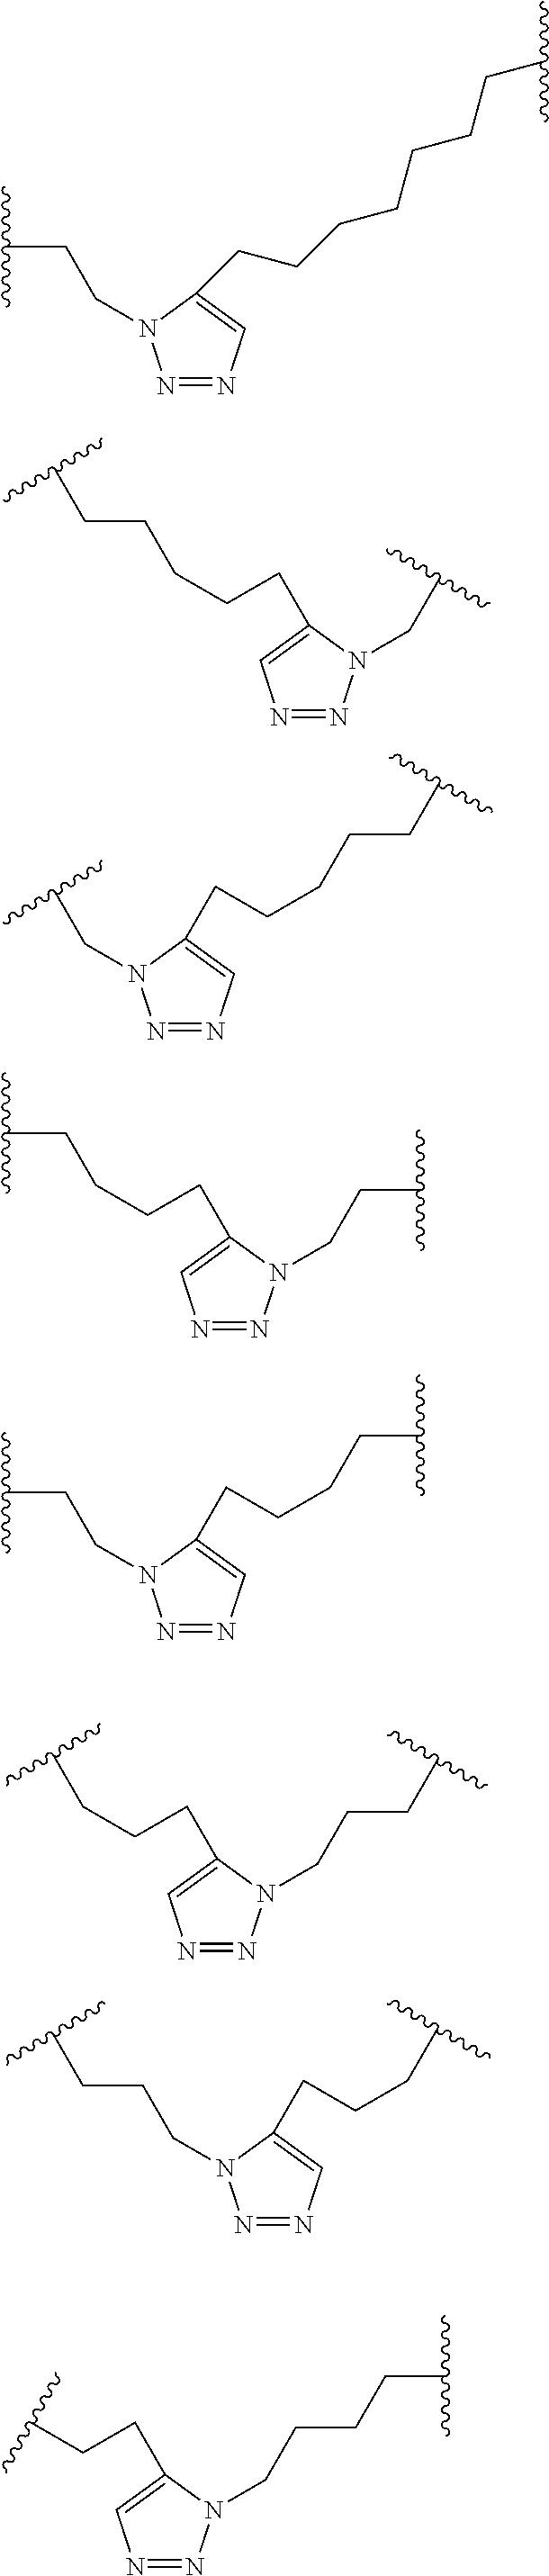 Figure US09782454-20171010-C00031